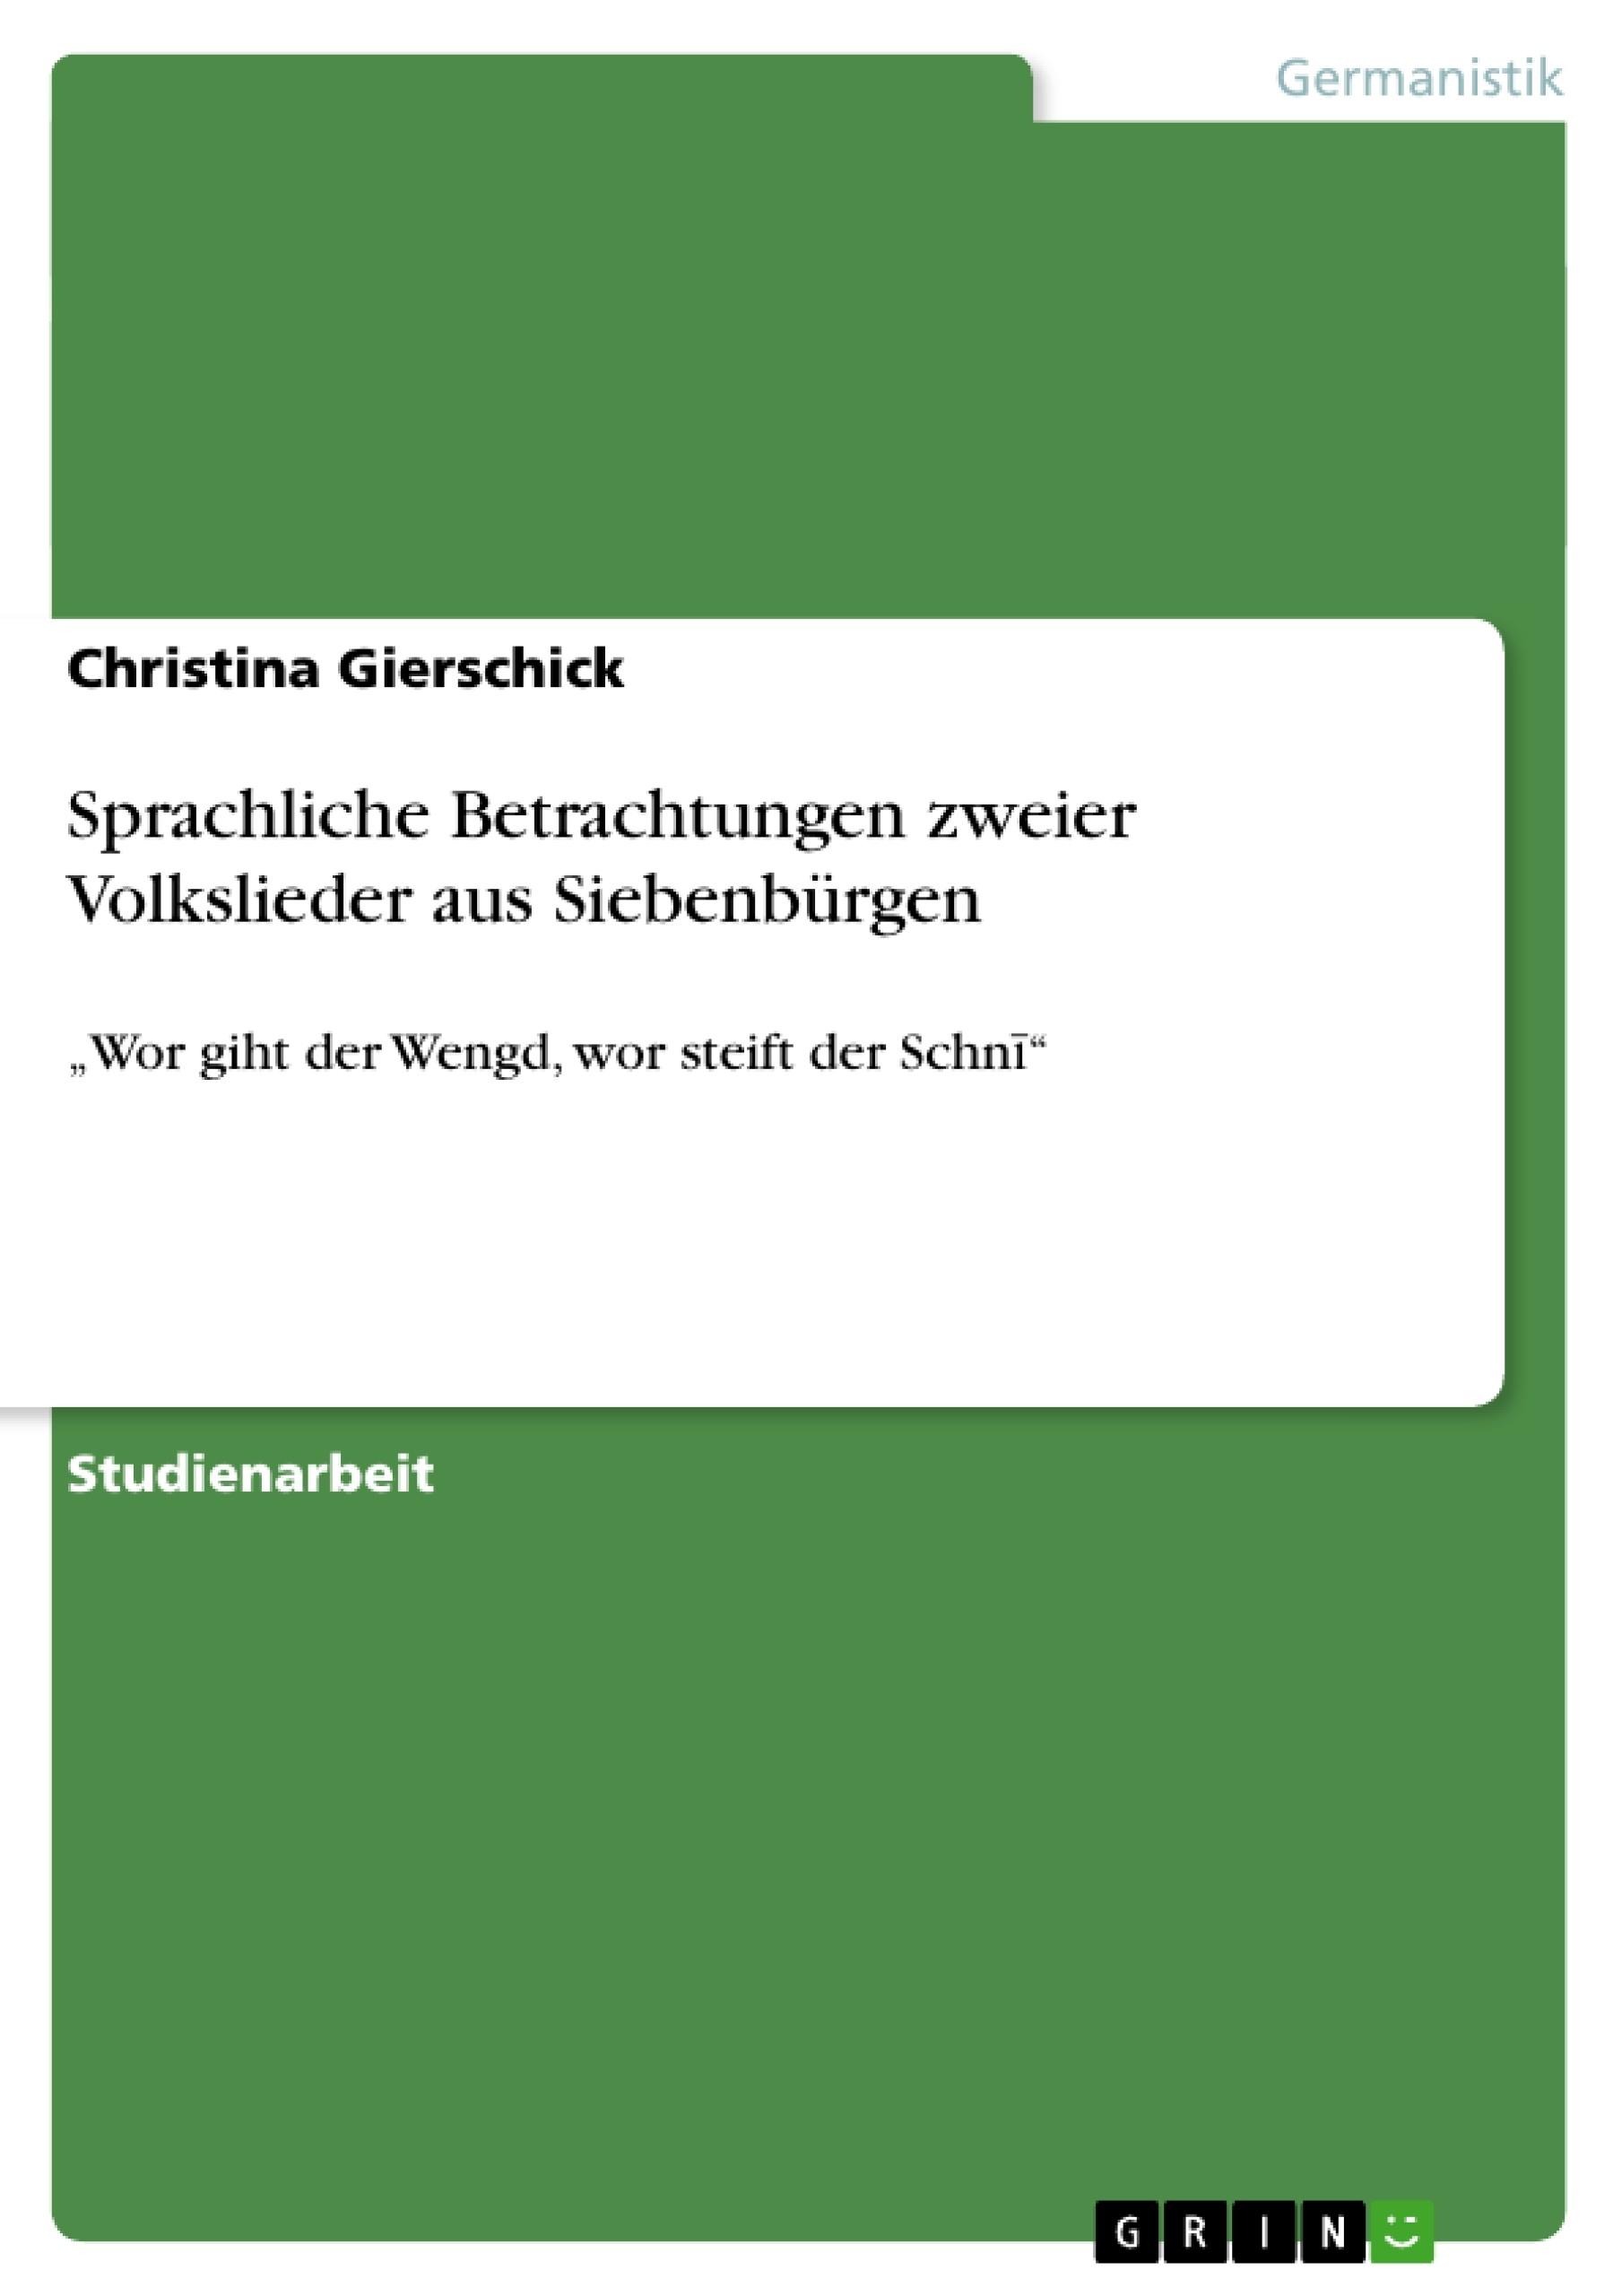 Titel: Sprachliche Betrachtungen zweier Volkslieder aus Siebenbürgen